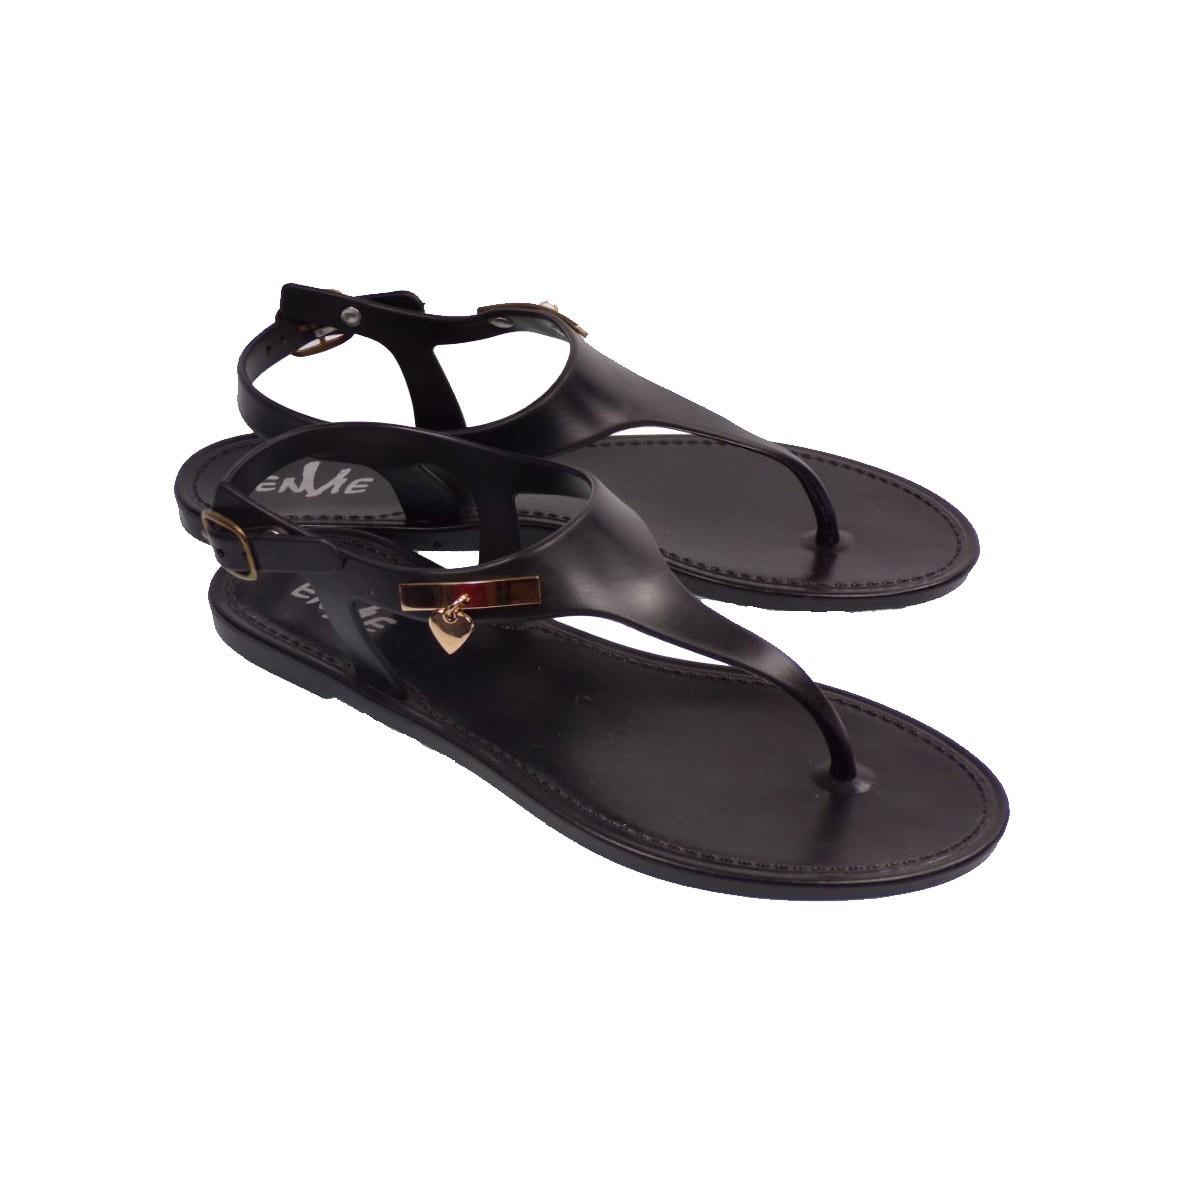 Κορυφαία προϊόντα - BagiotaShoes - Σελίδα 11  15a0936aa15